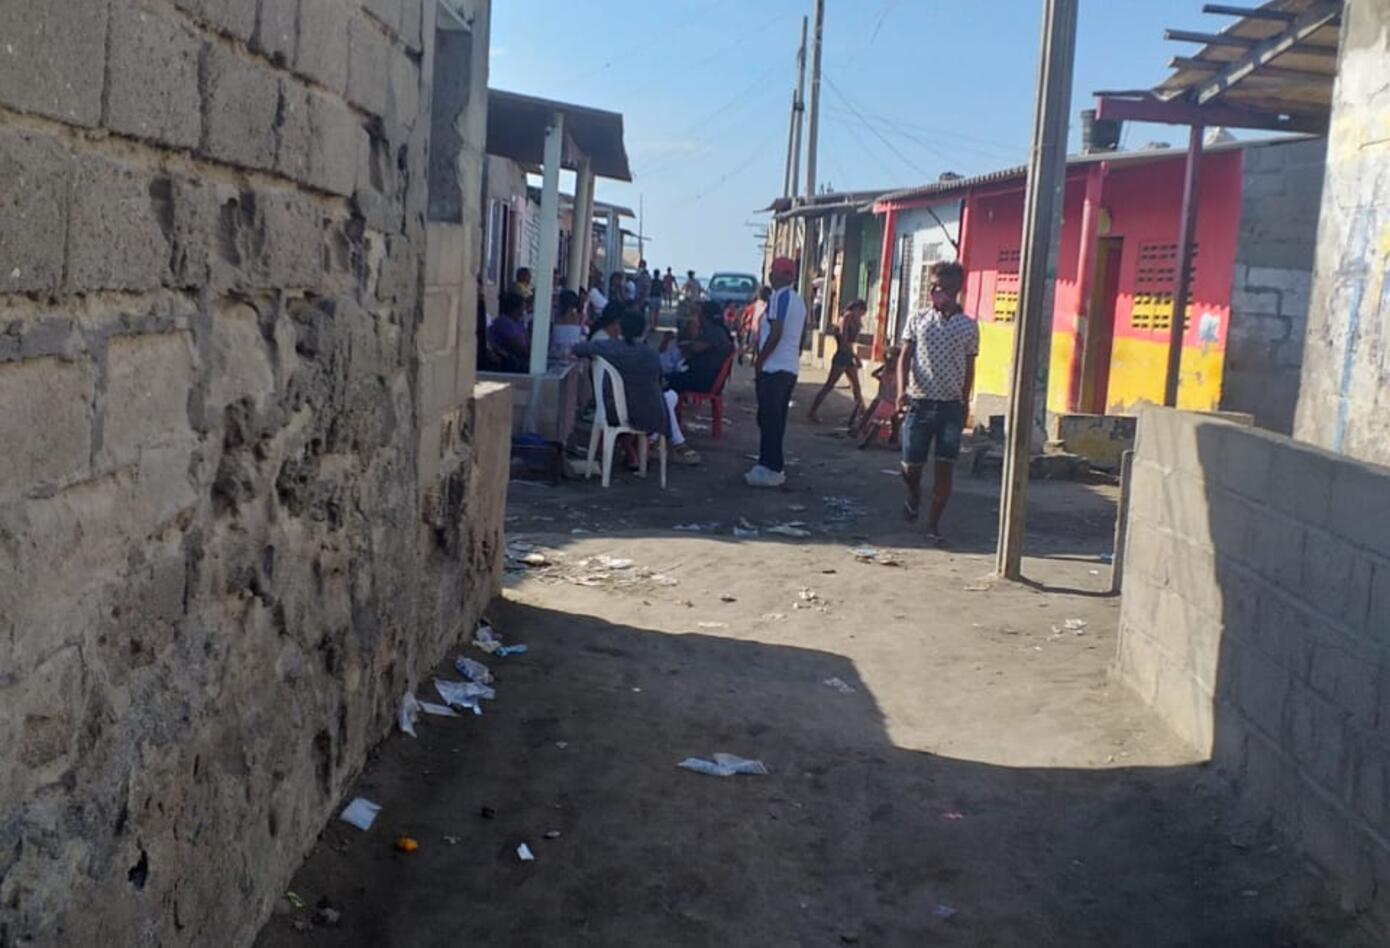 Es evidente en sus pequeñas calles y casas el abandono que por años se ha visto en esta población